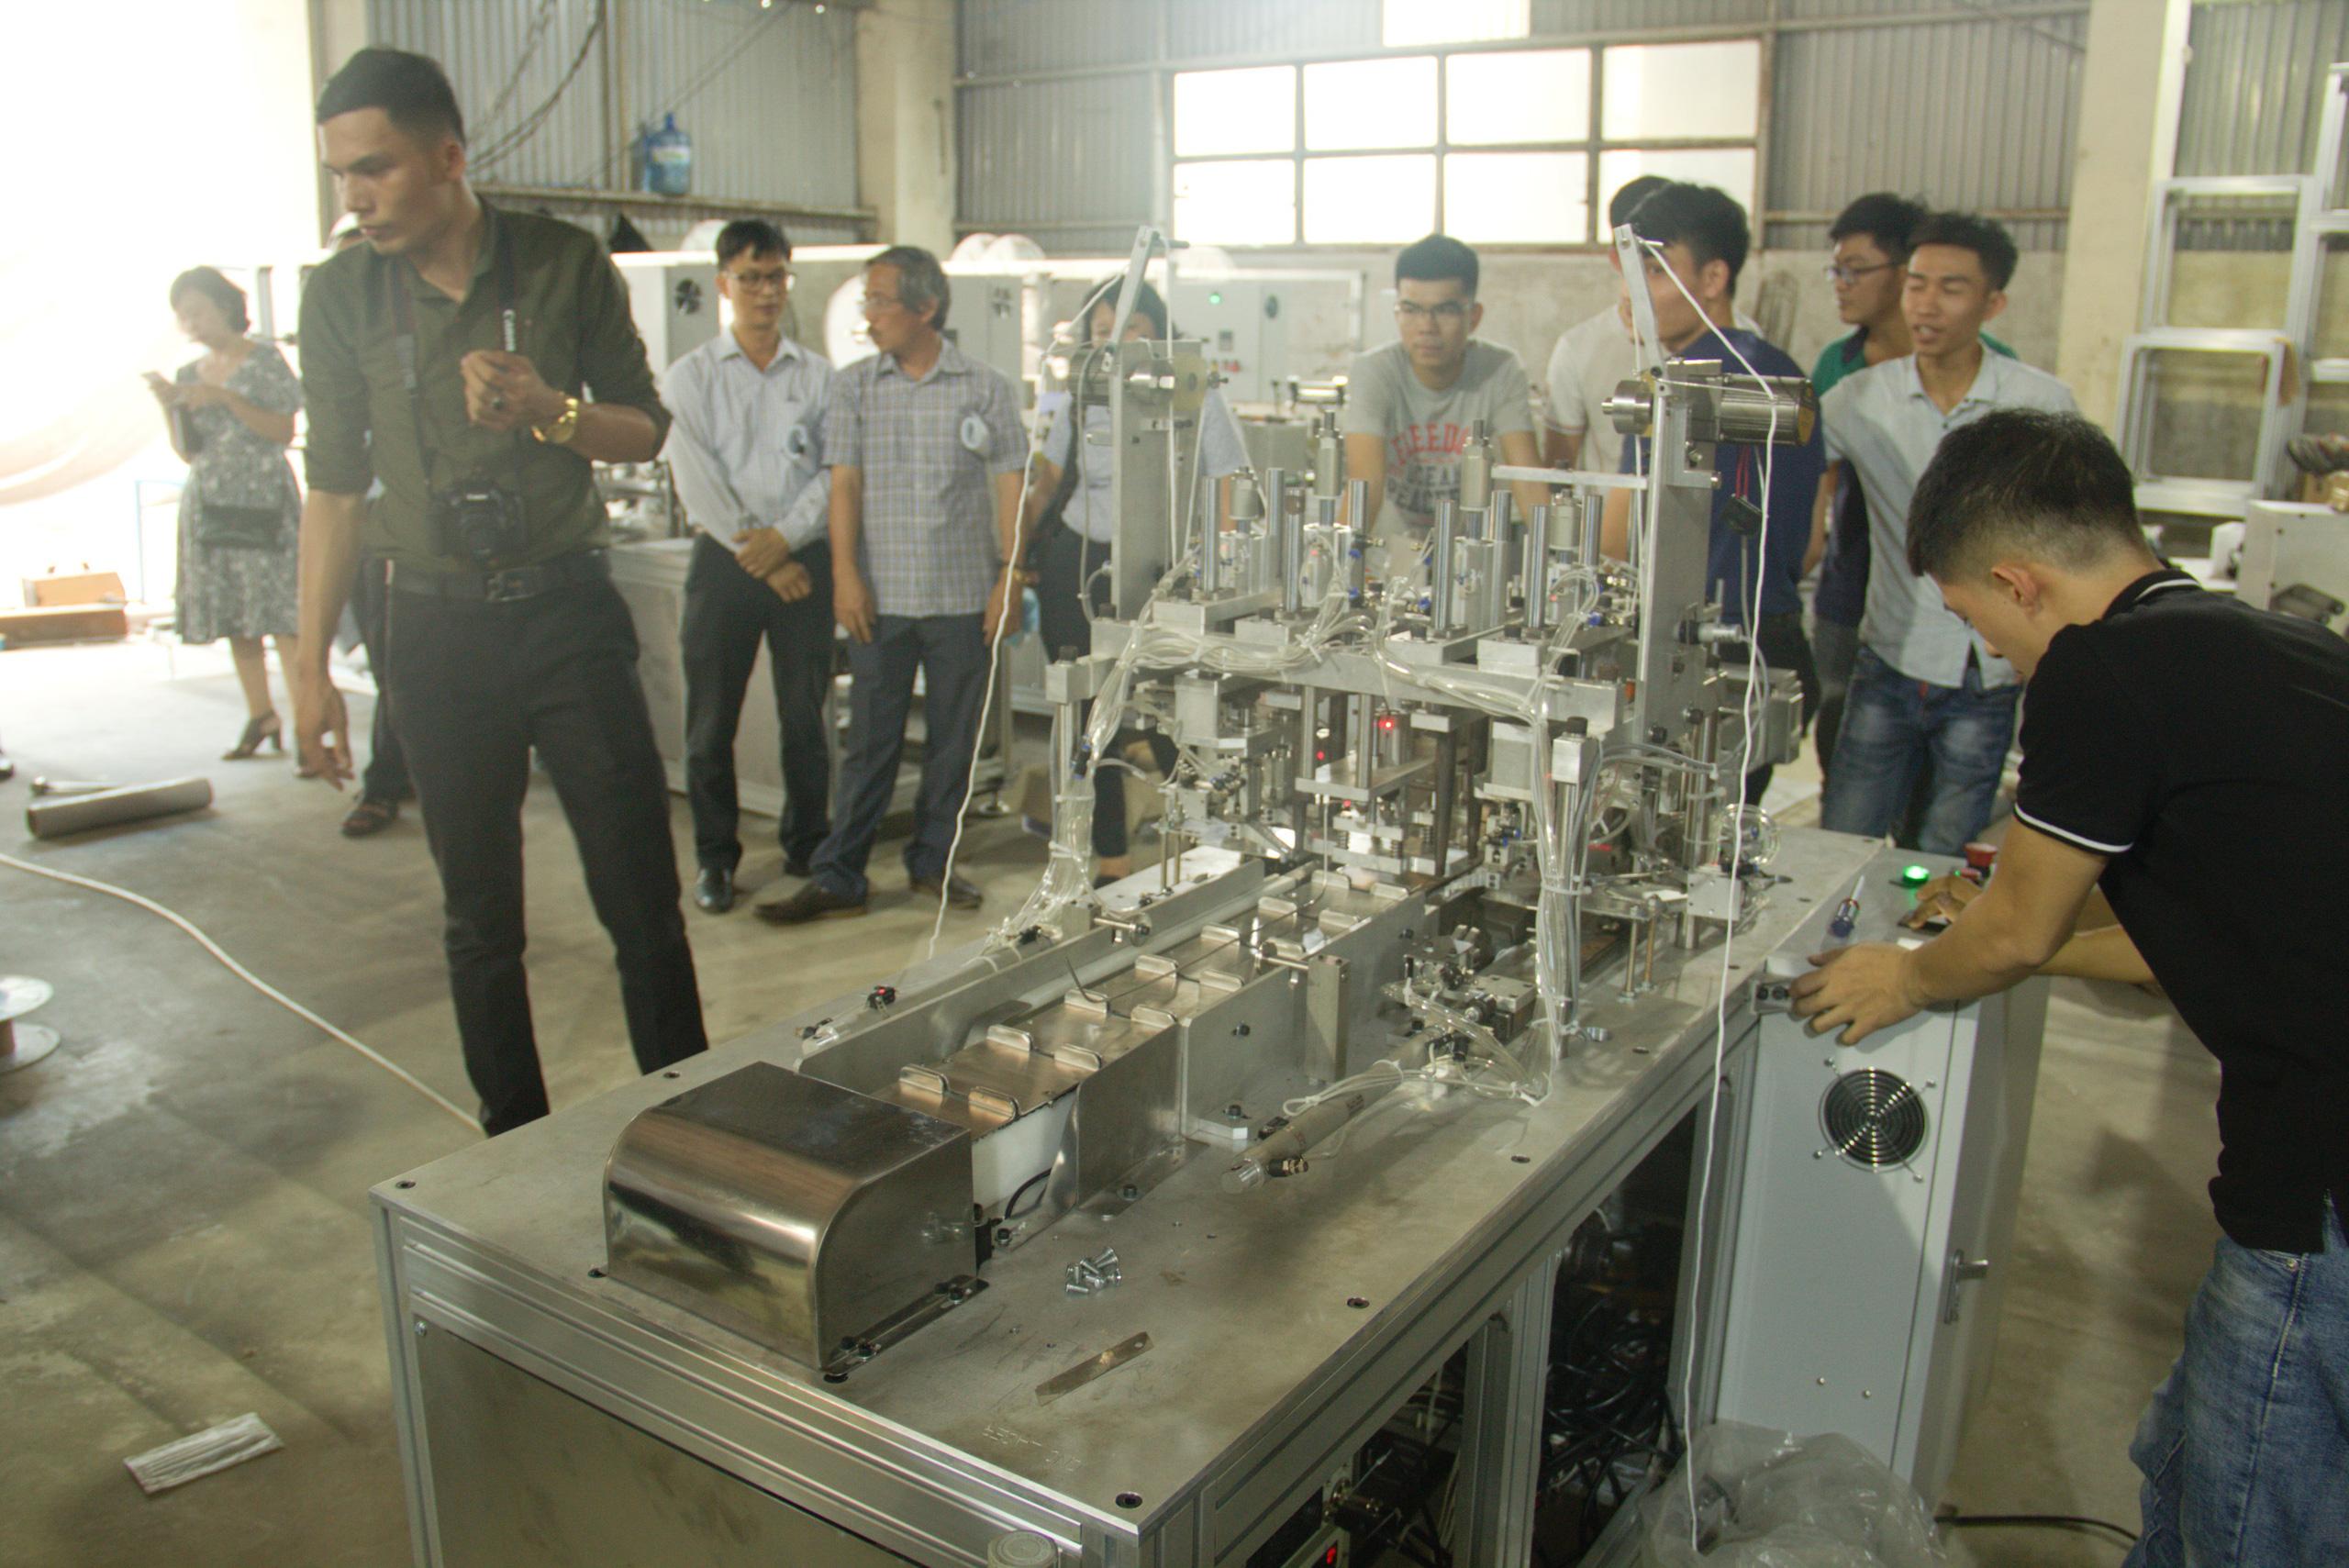 Doanh nghiệp Khoa học và Công nghệ Đà Nẵng không ngừng phát triển - Ảnh 7.